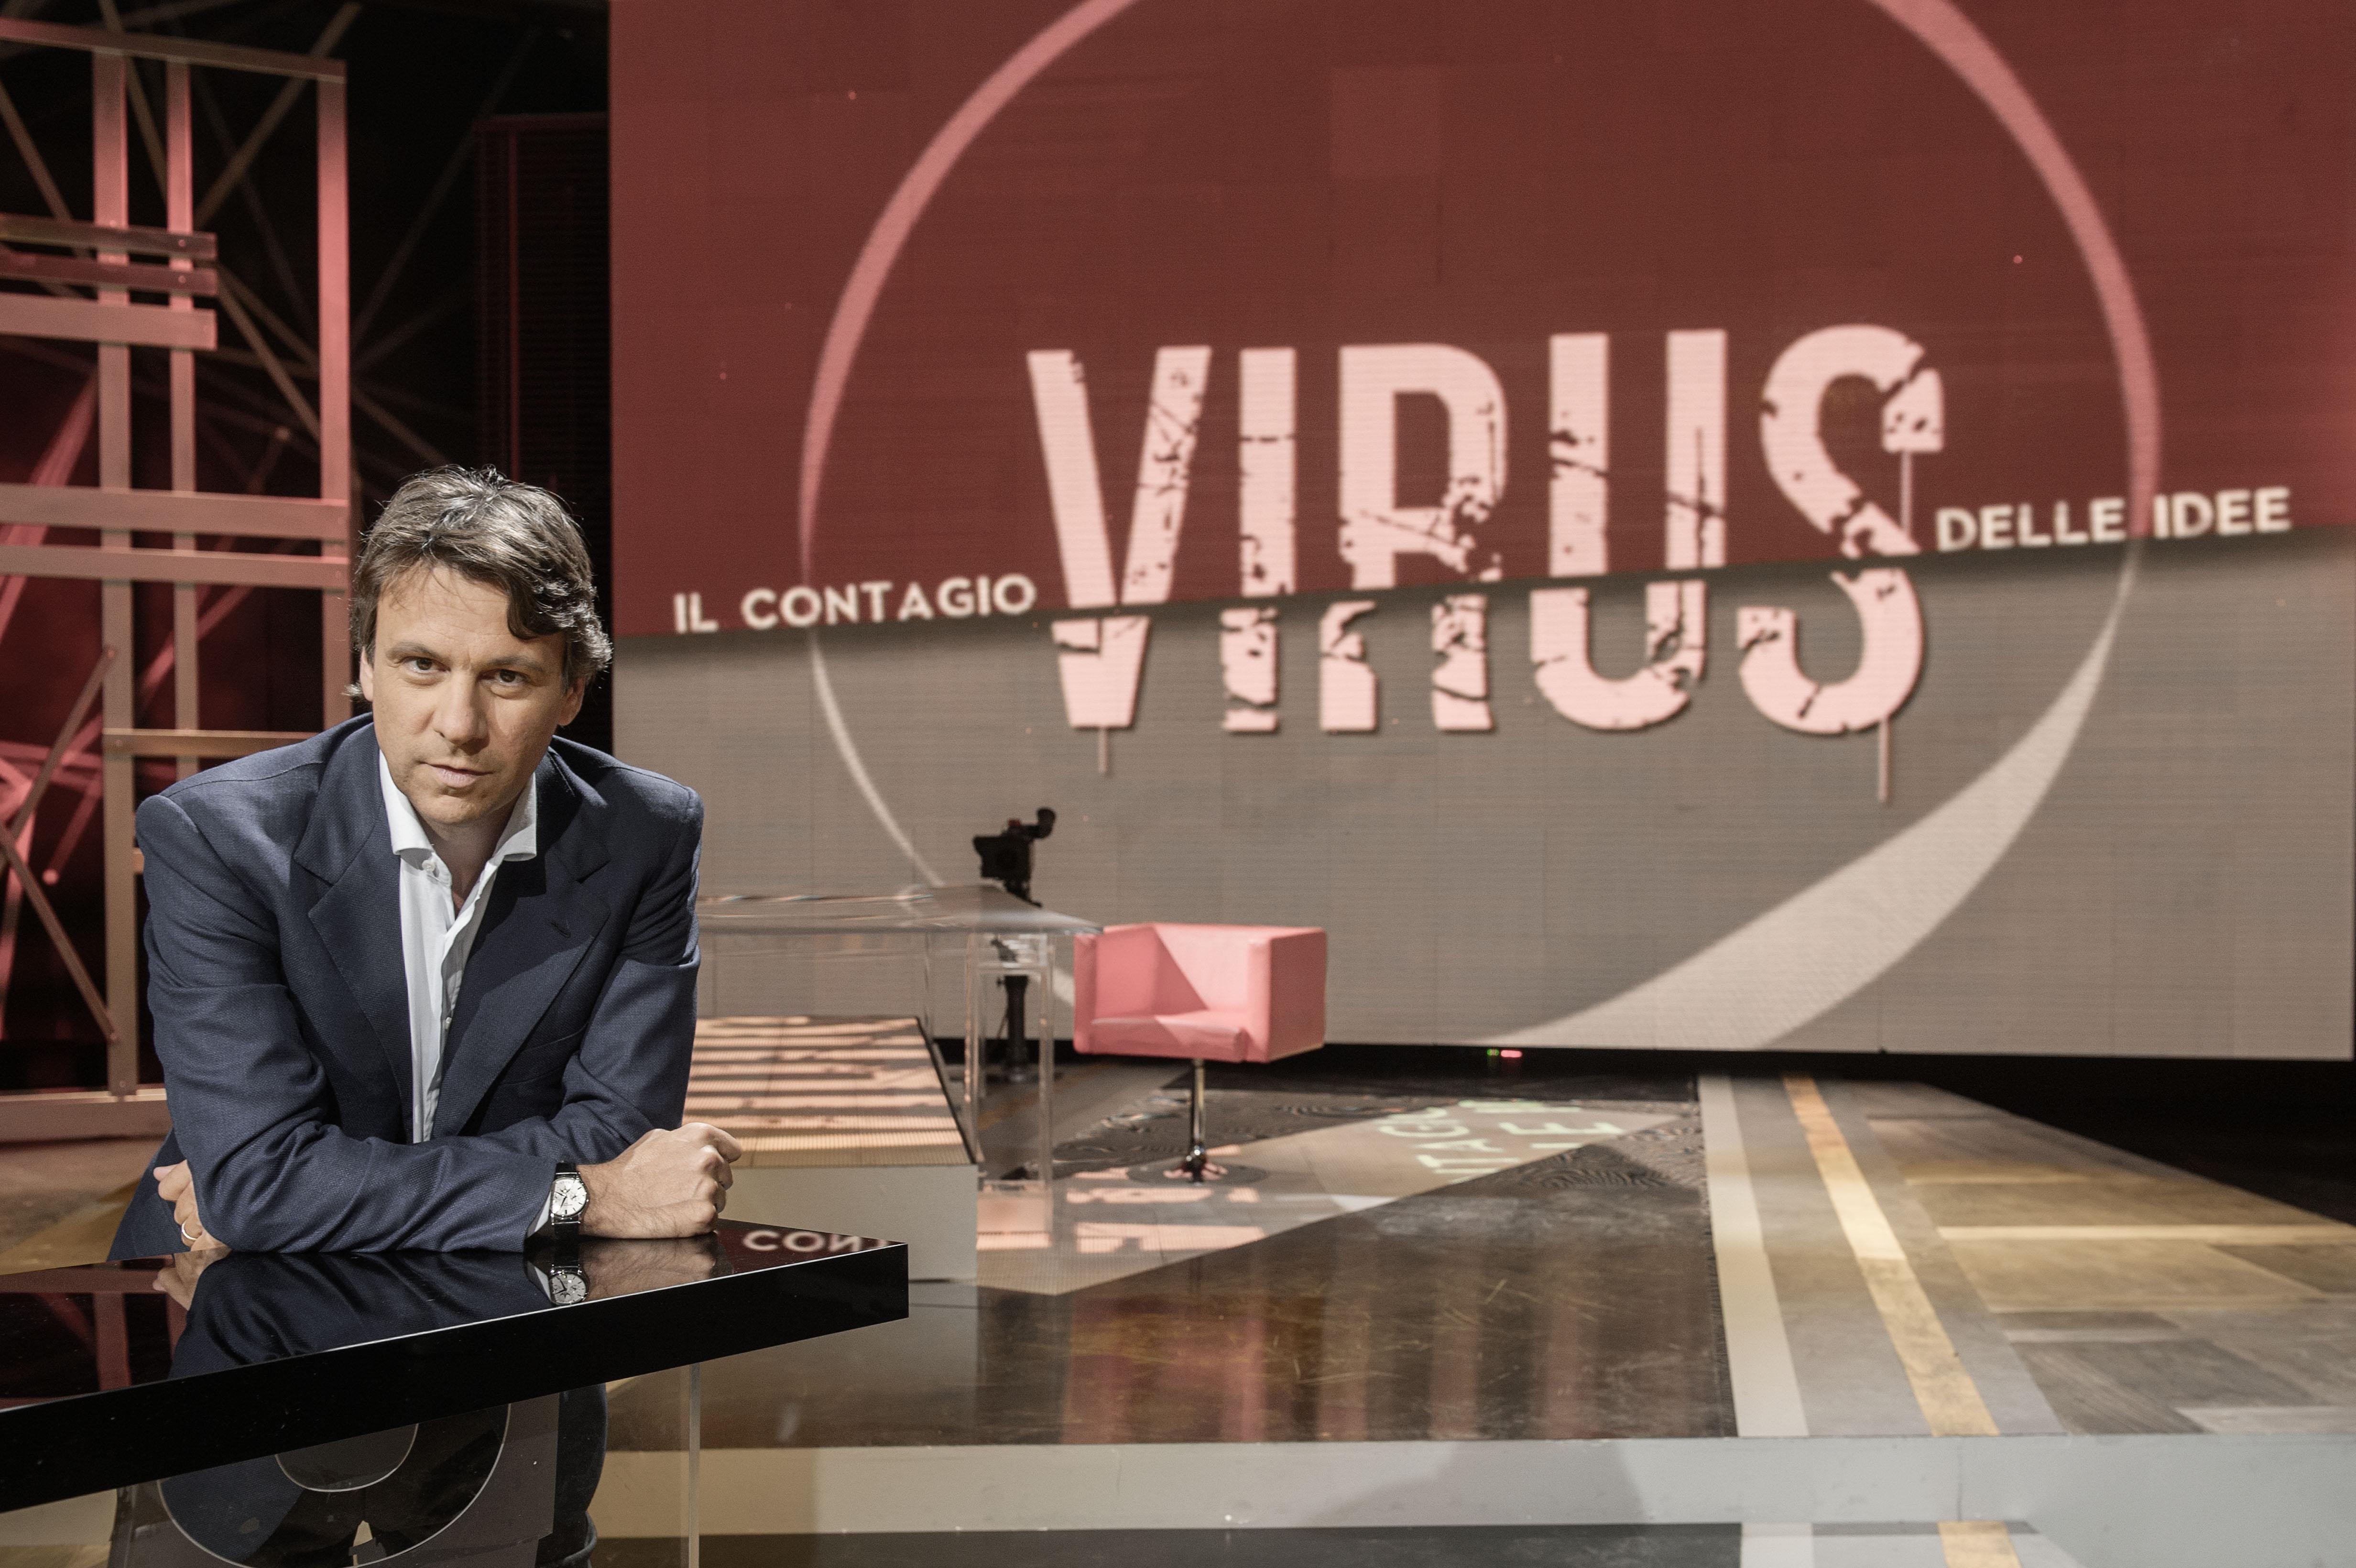 Sformat di Mariano Sabatini – 'Virus' non decolla… chi glielo ha fatto fare a Nicola Porro di diventare conduttore televisivo?